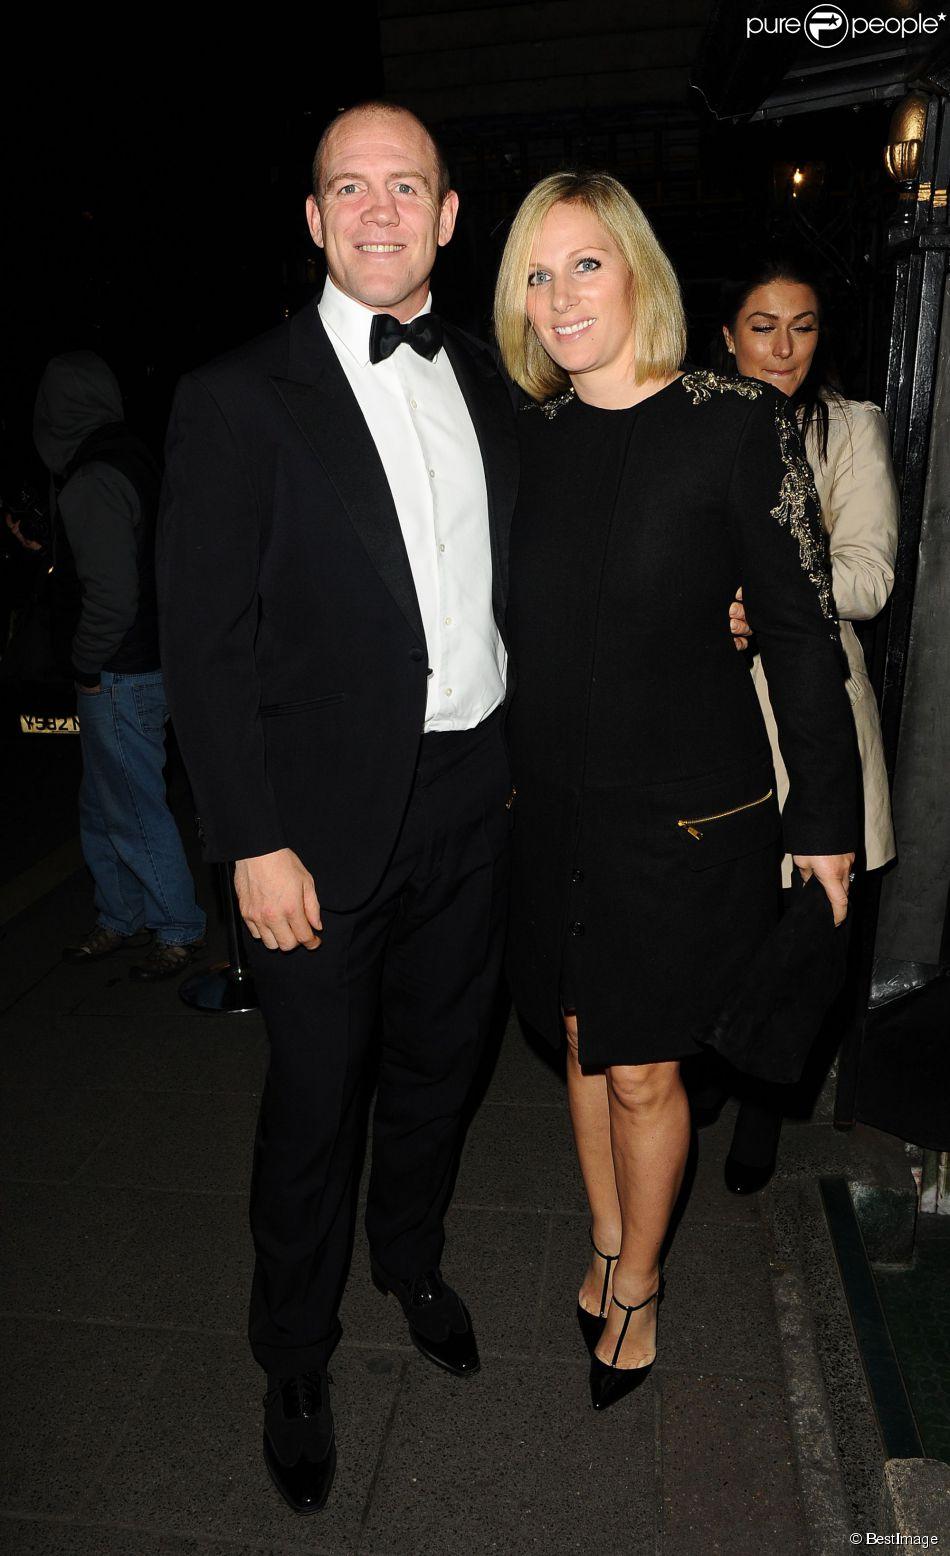 Zara Phillips et Mike Tindall, très chic, fêtaient le 25 mars 2015 la fin du Tournoi des VI Nations au club privé Annabel's, à Londres, à l'occasion d'un dîner VIP.